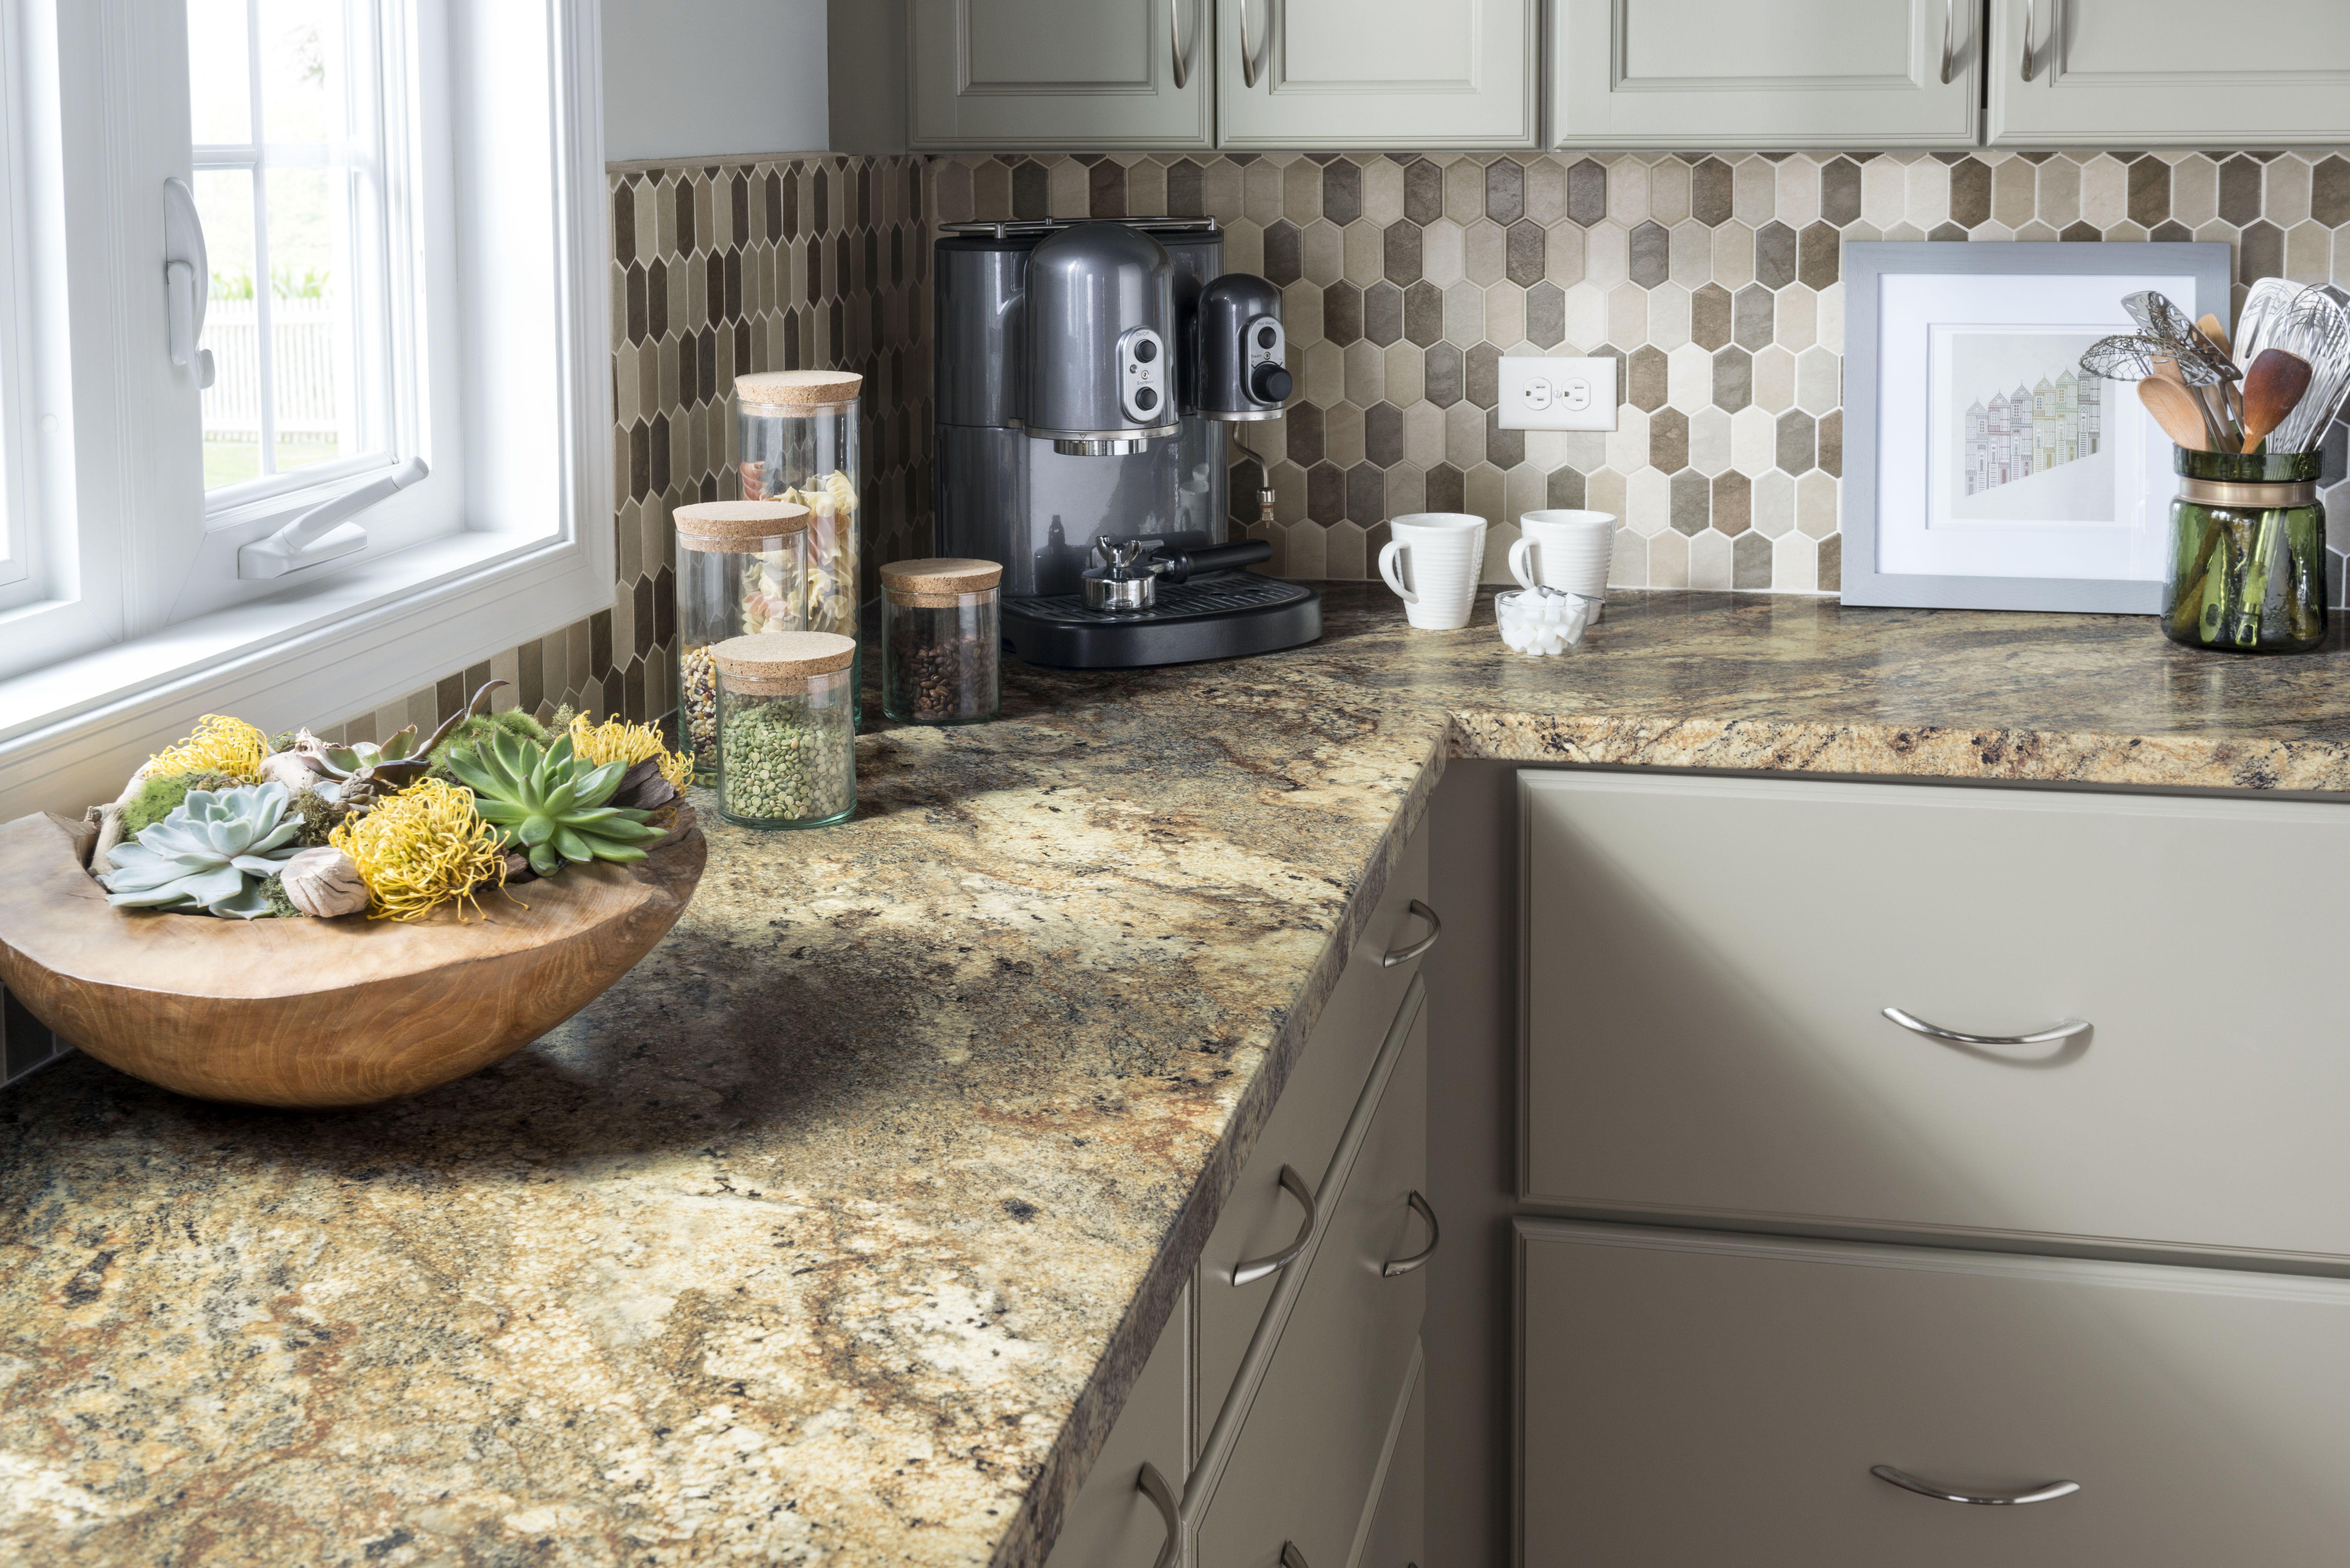 Stunning Kitchen Featuring Laminate Countertops #Laminate #Countertops #Kitchens #Kitchentrends #Kitcheninspiration